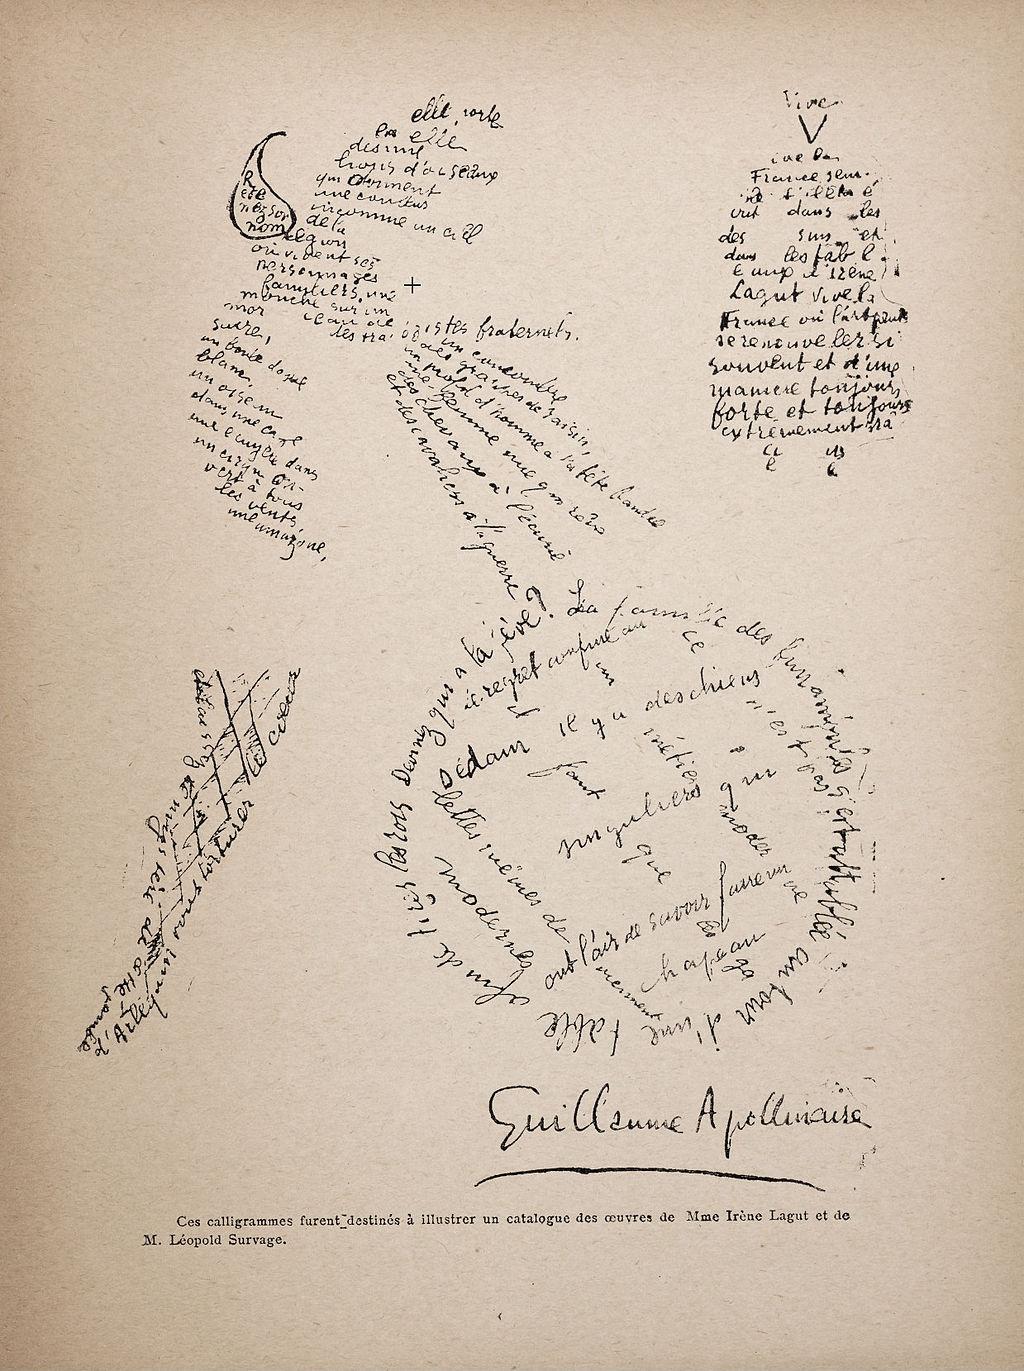 Guillaume Apollinaire,  Calligram , 1920.